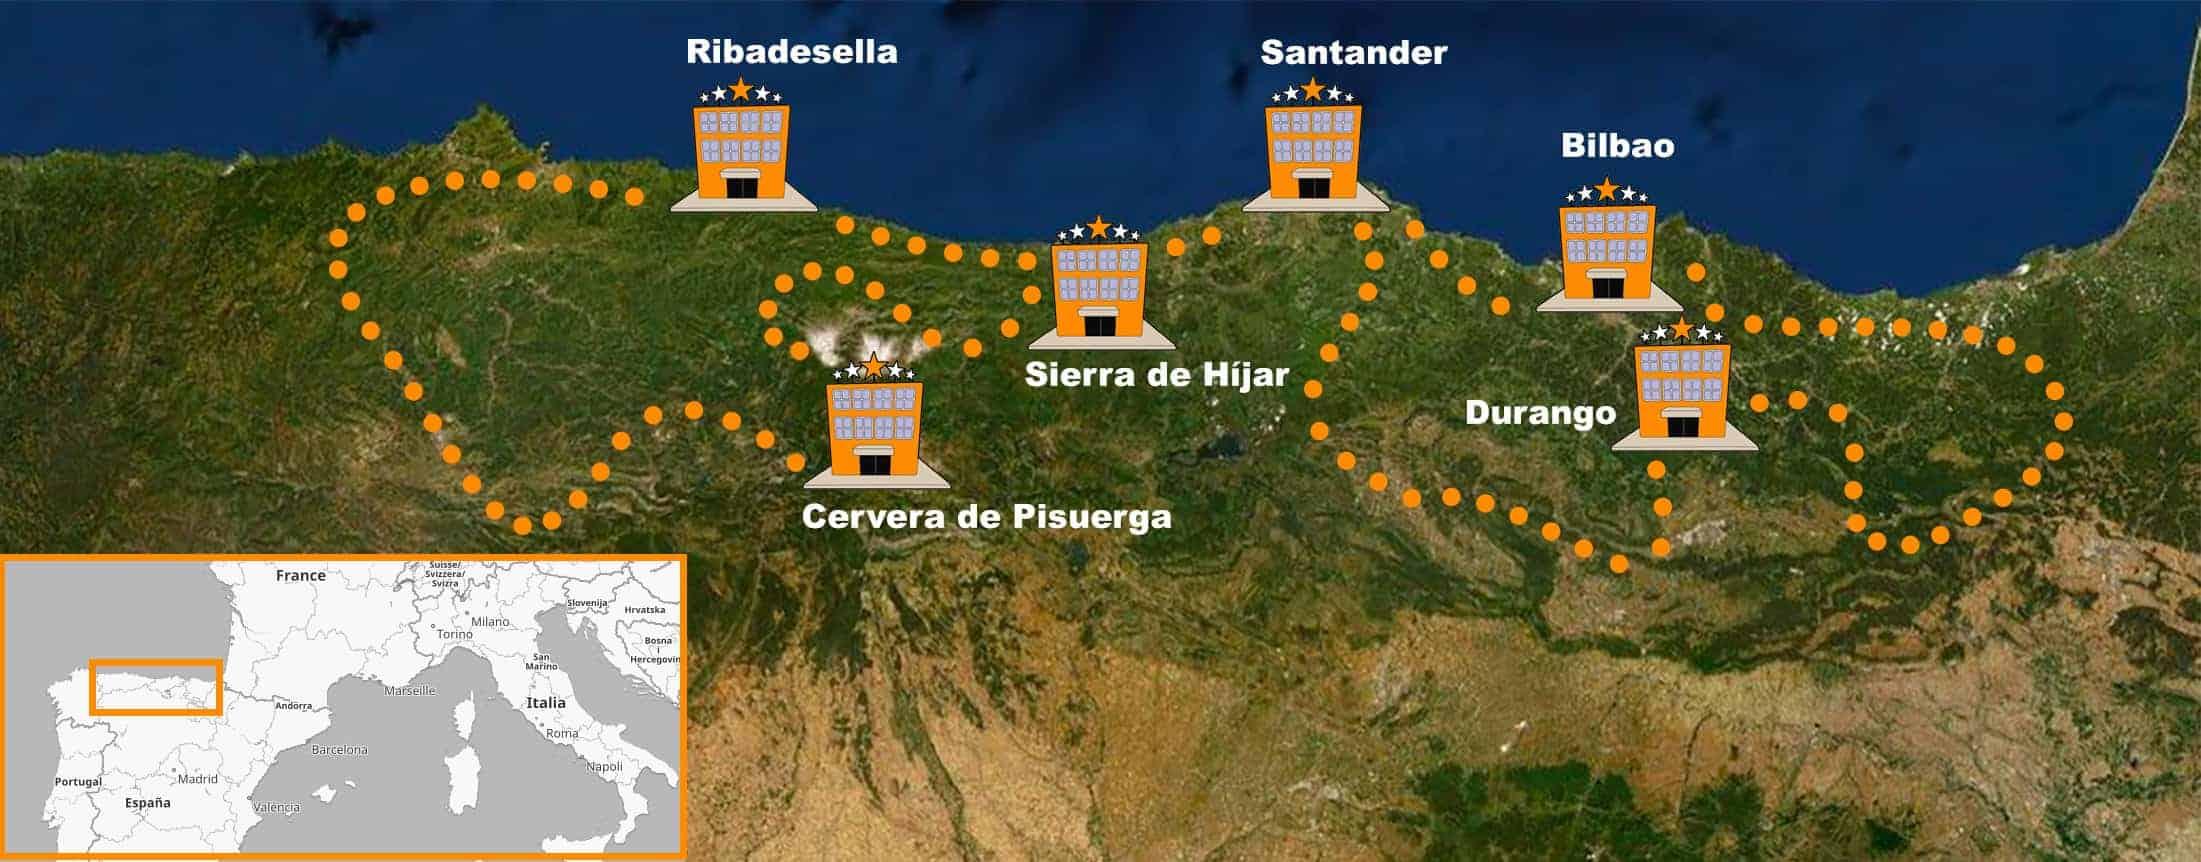 itinerario Viaje en moto organizado por el Norte de España